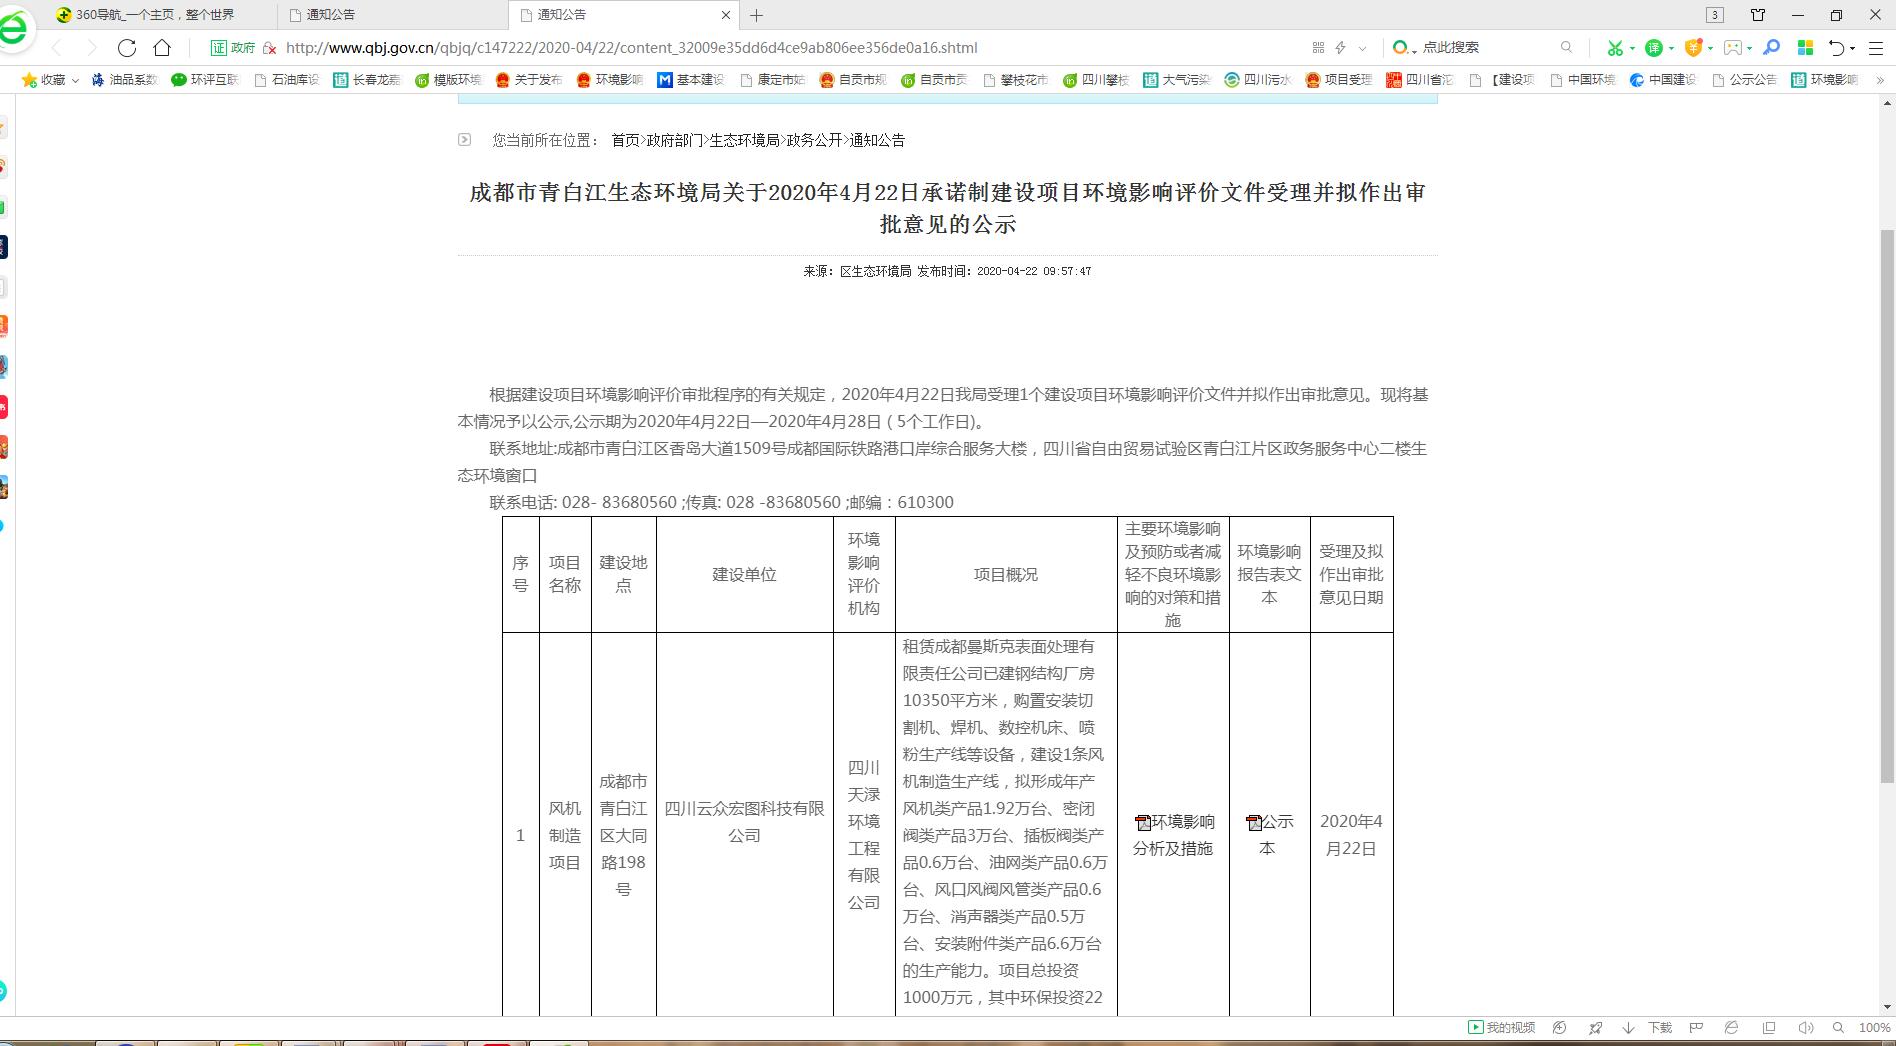 成都市青白江环评公示